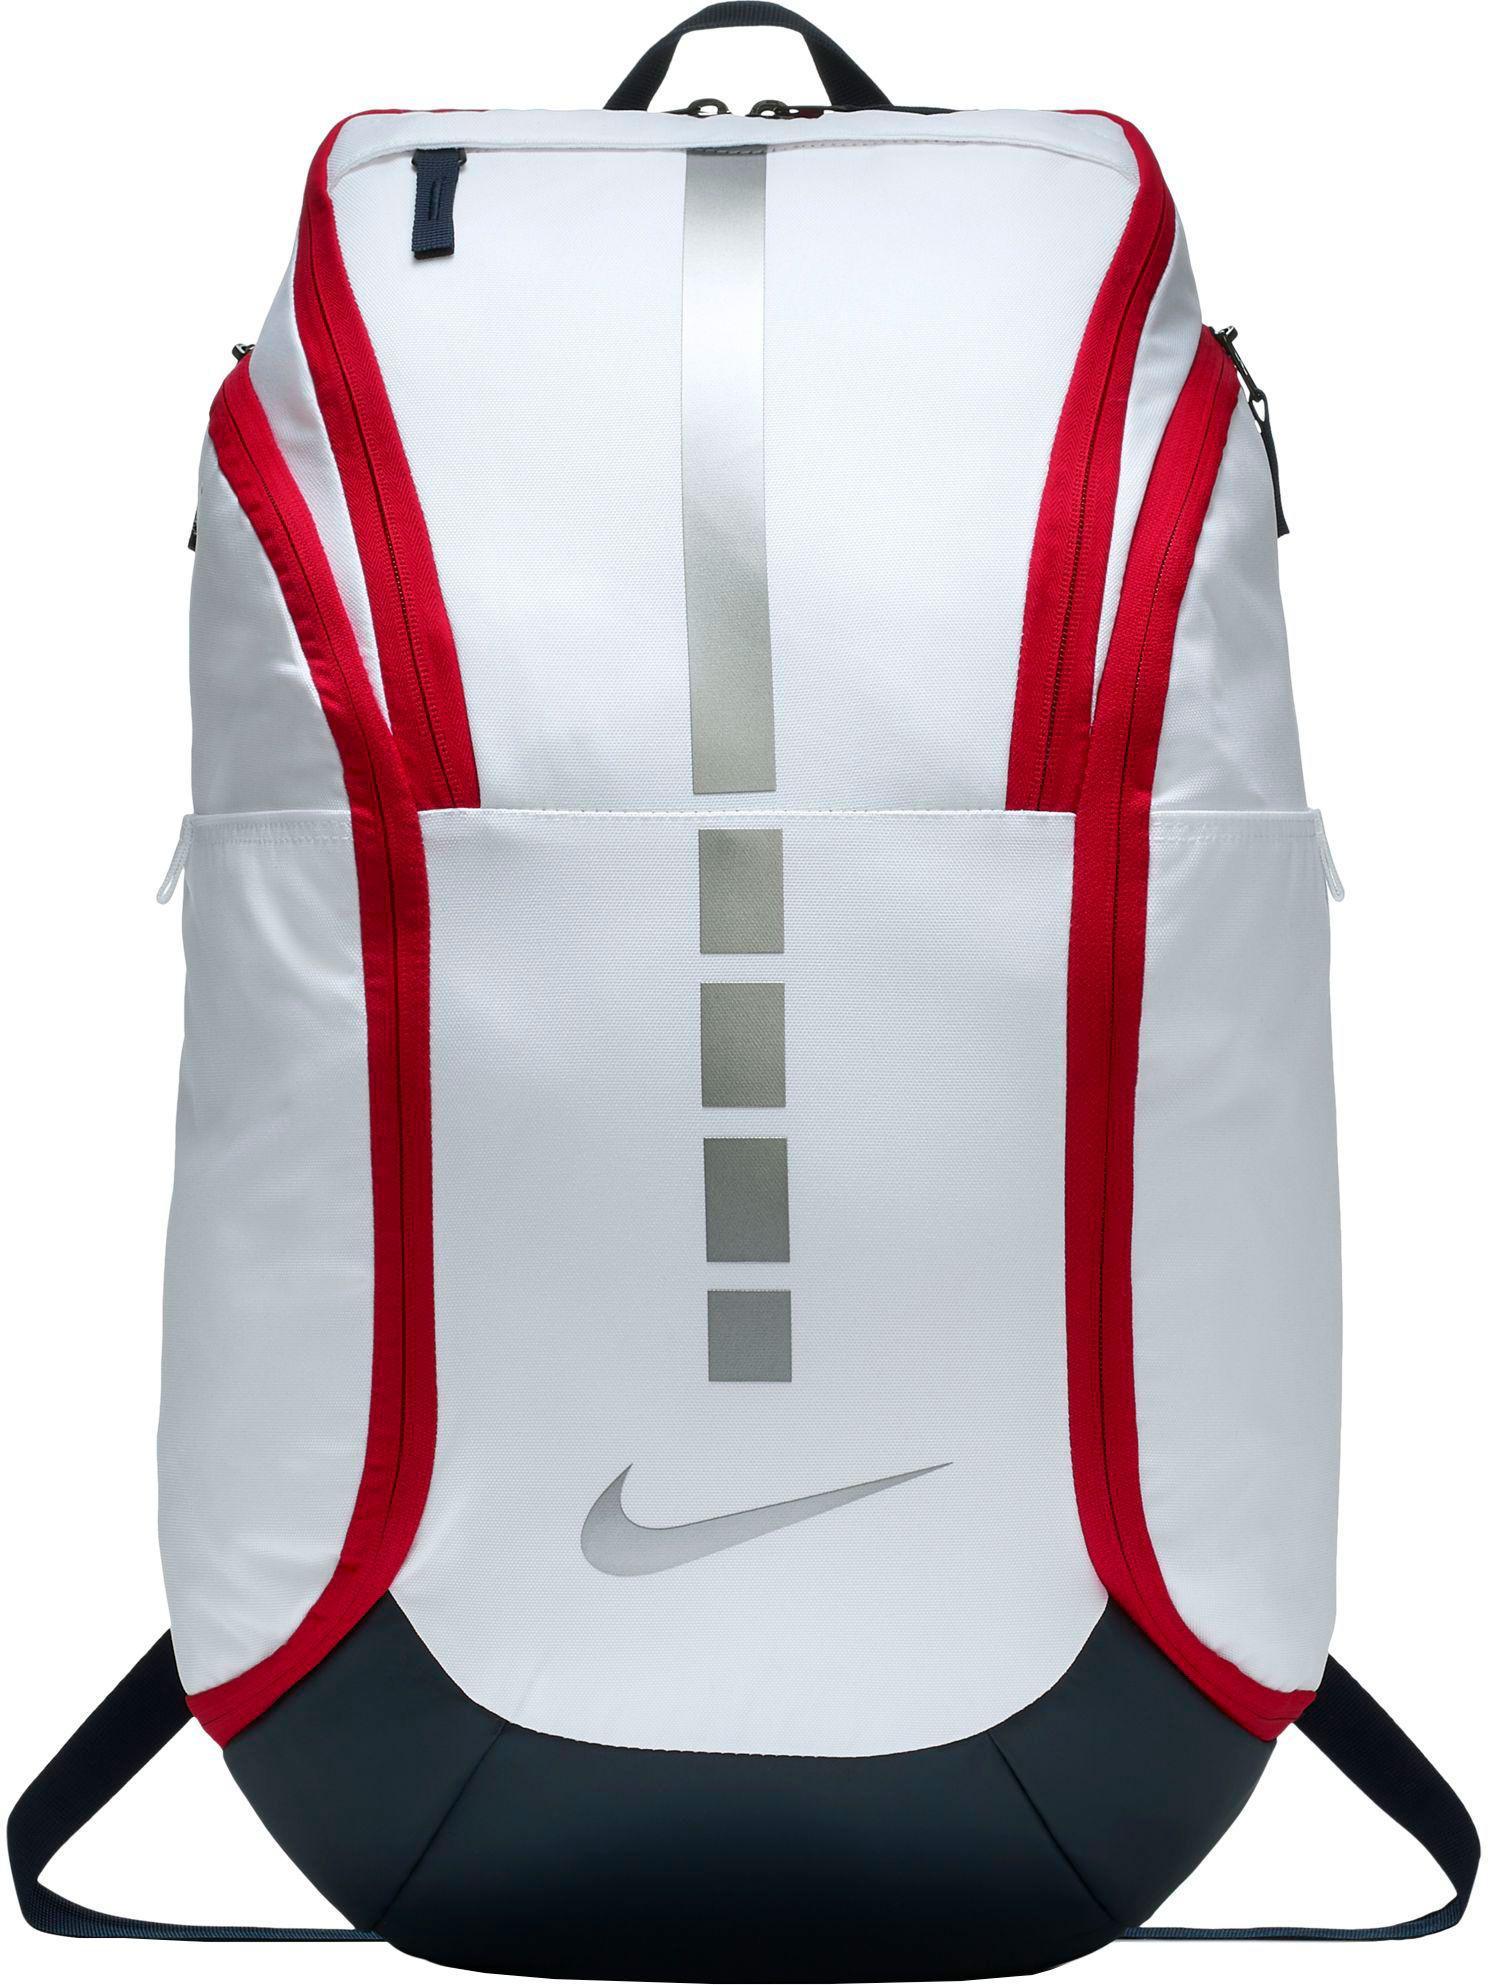 2306f5b813 Lyst - Nike Hoops Elite Pro Basketball Backpack in White for Men